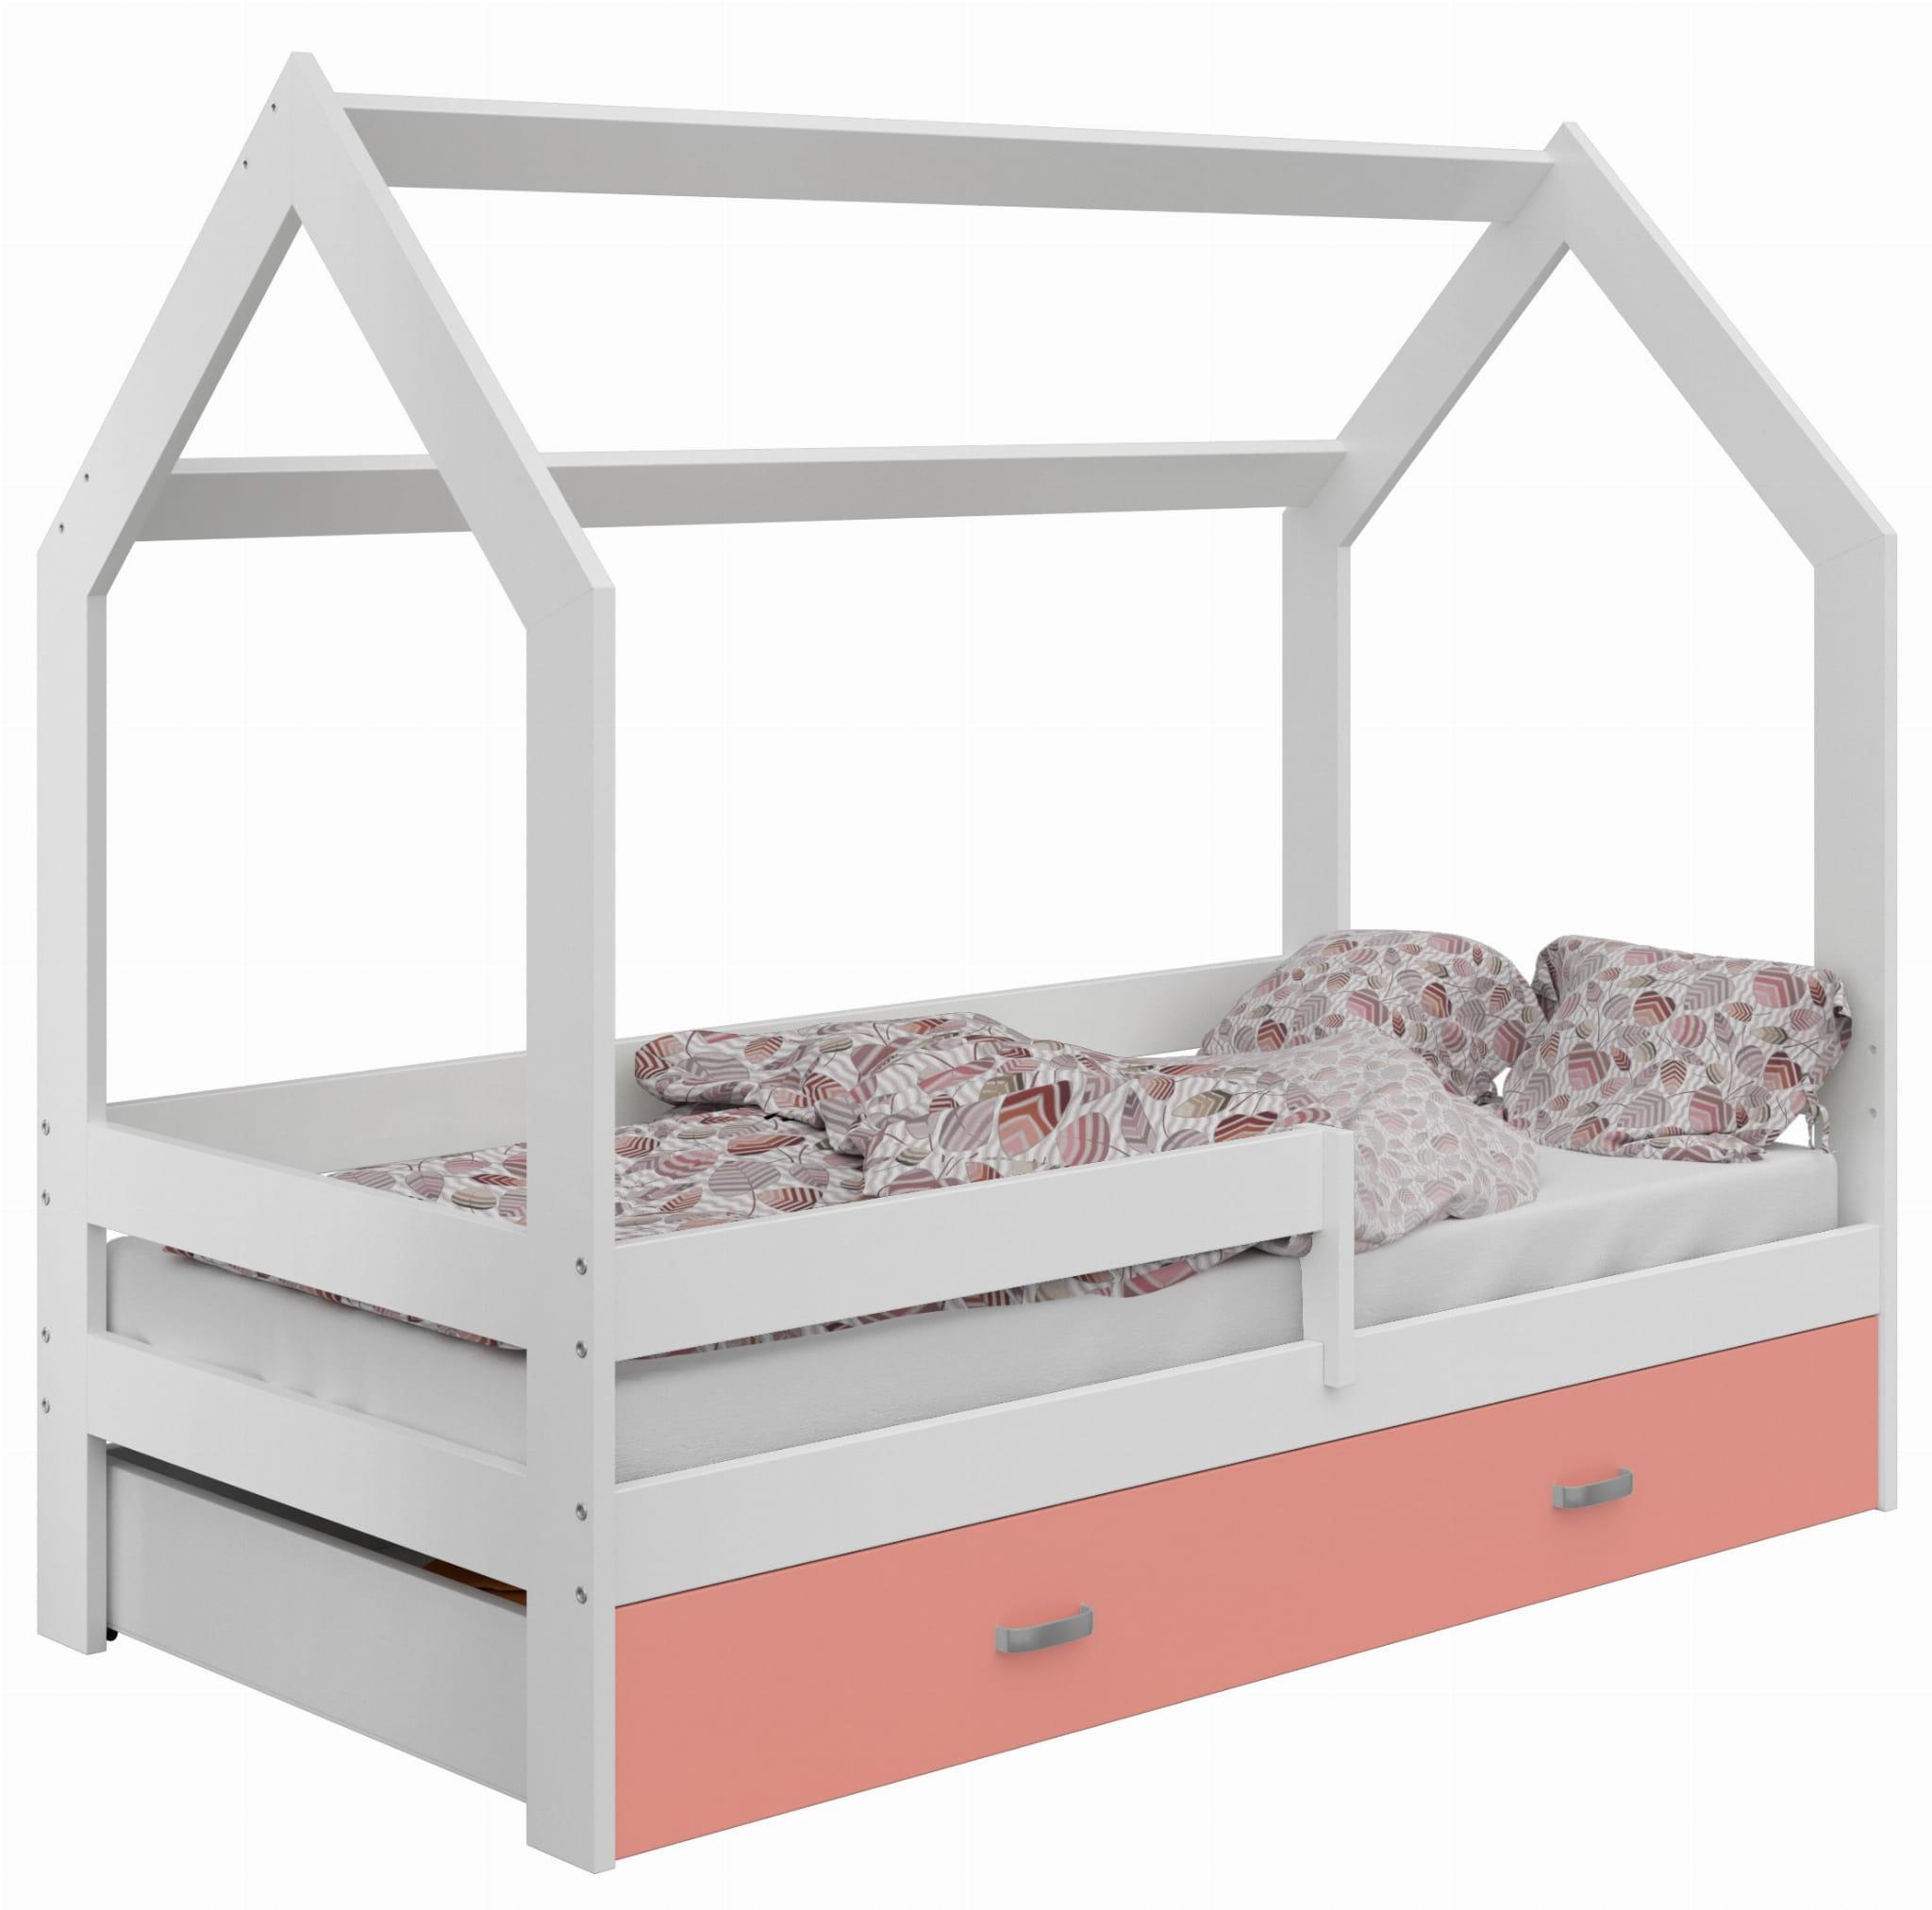 Full Size of Hausbett Wei Bett Weiß 100x200 Betten Wohnzimmer Hausbett 100x200